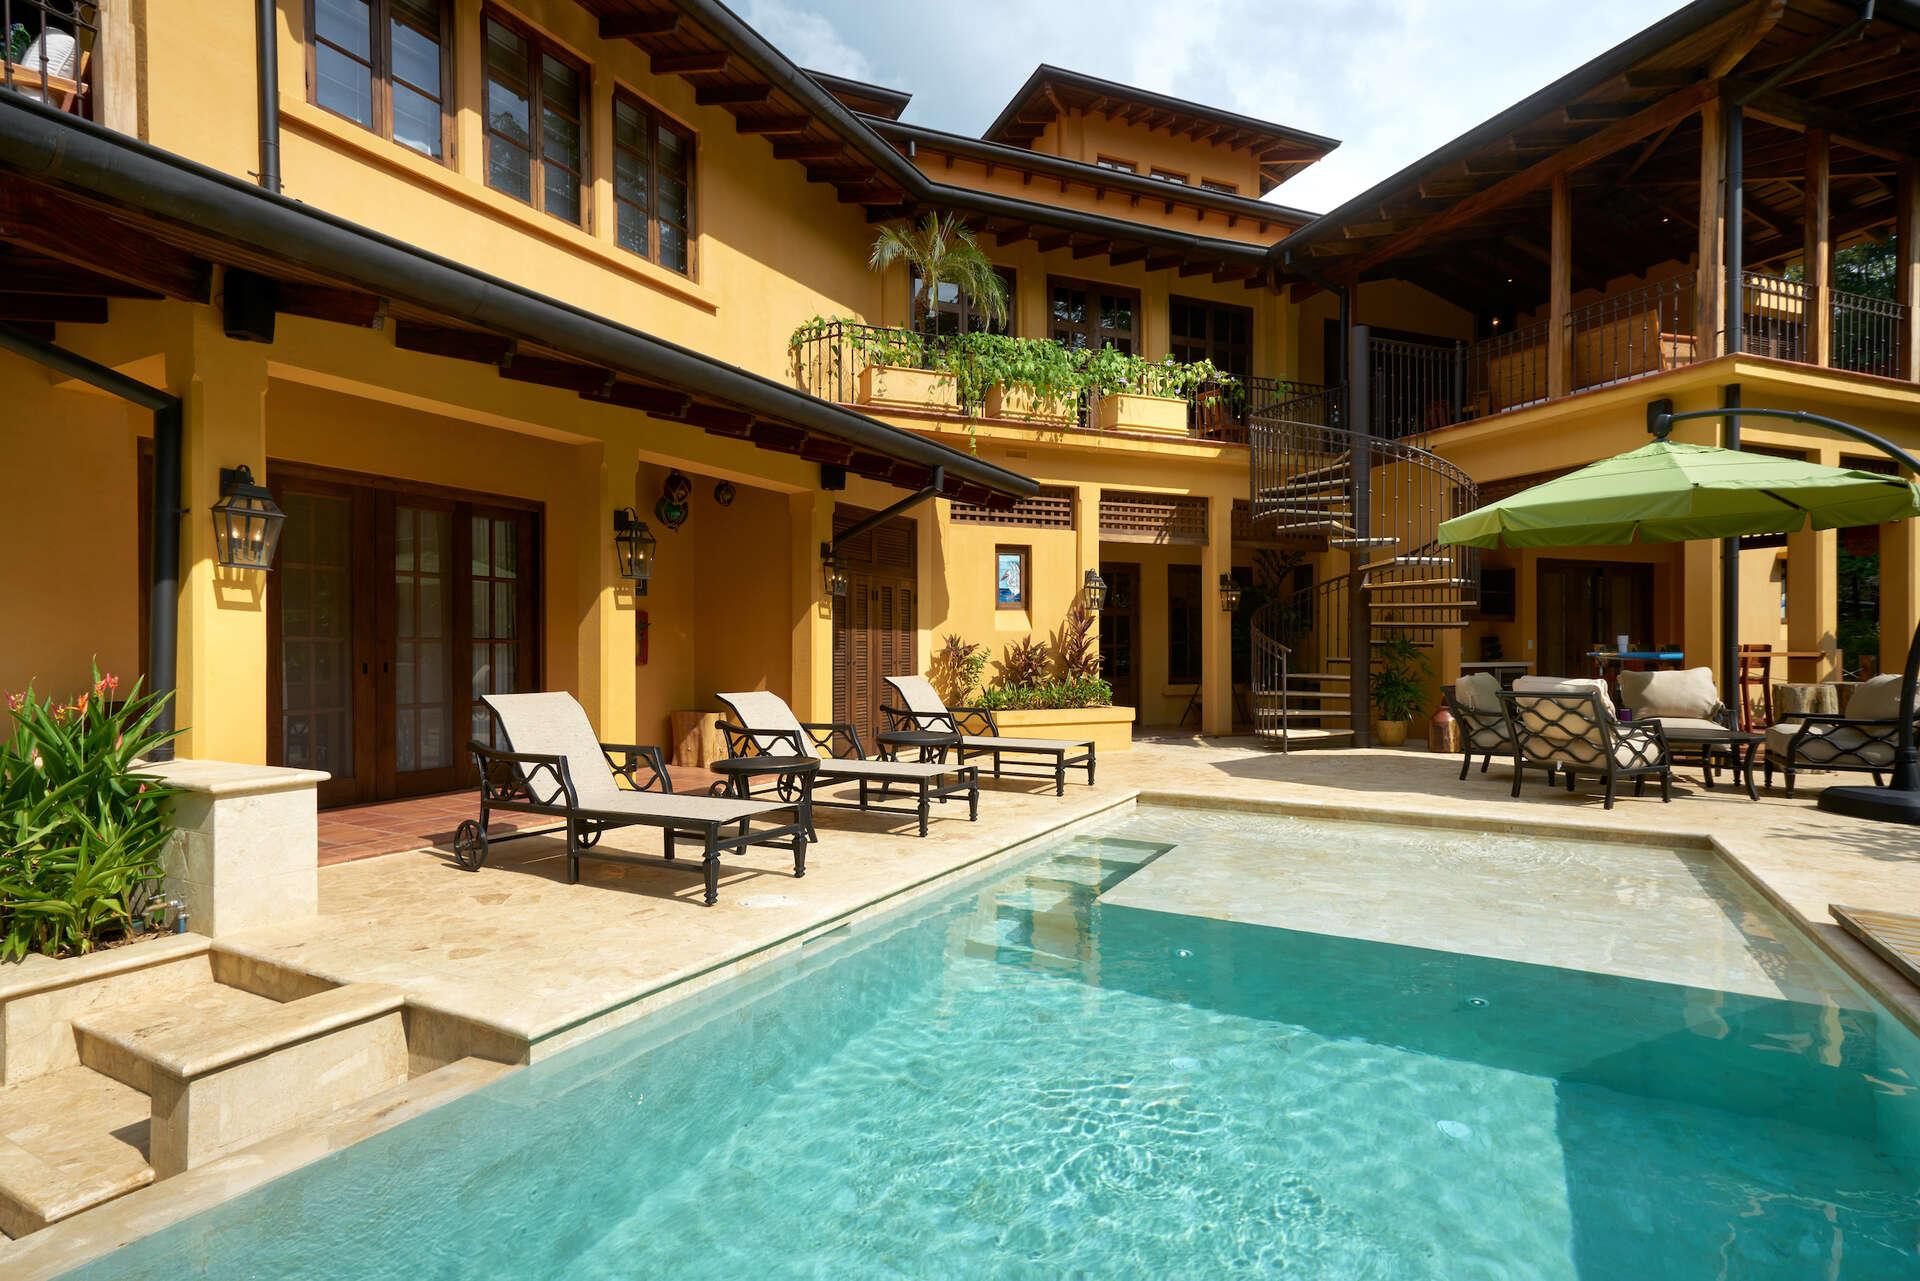 - Casa Pelicano - Image 1/44